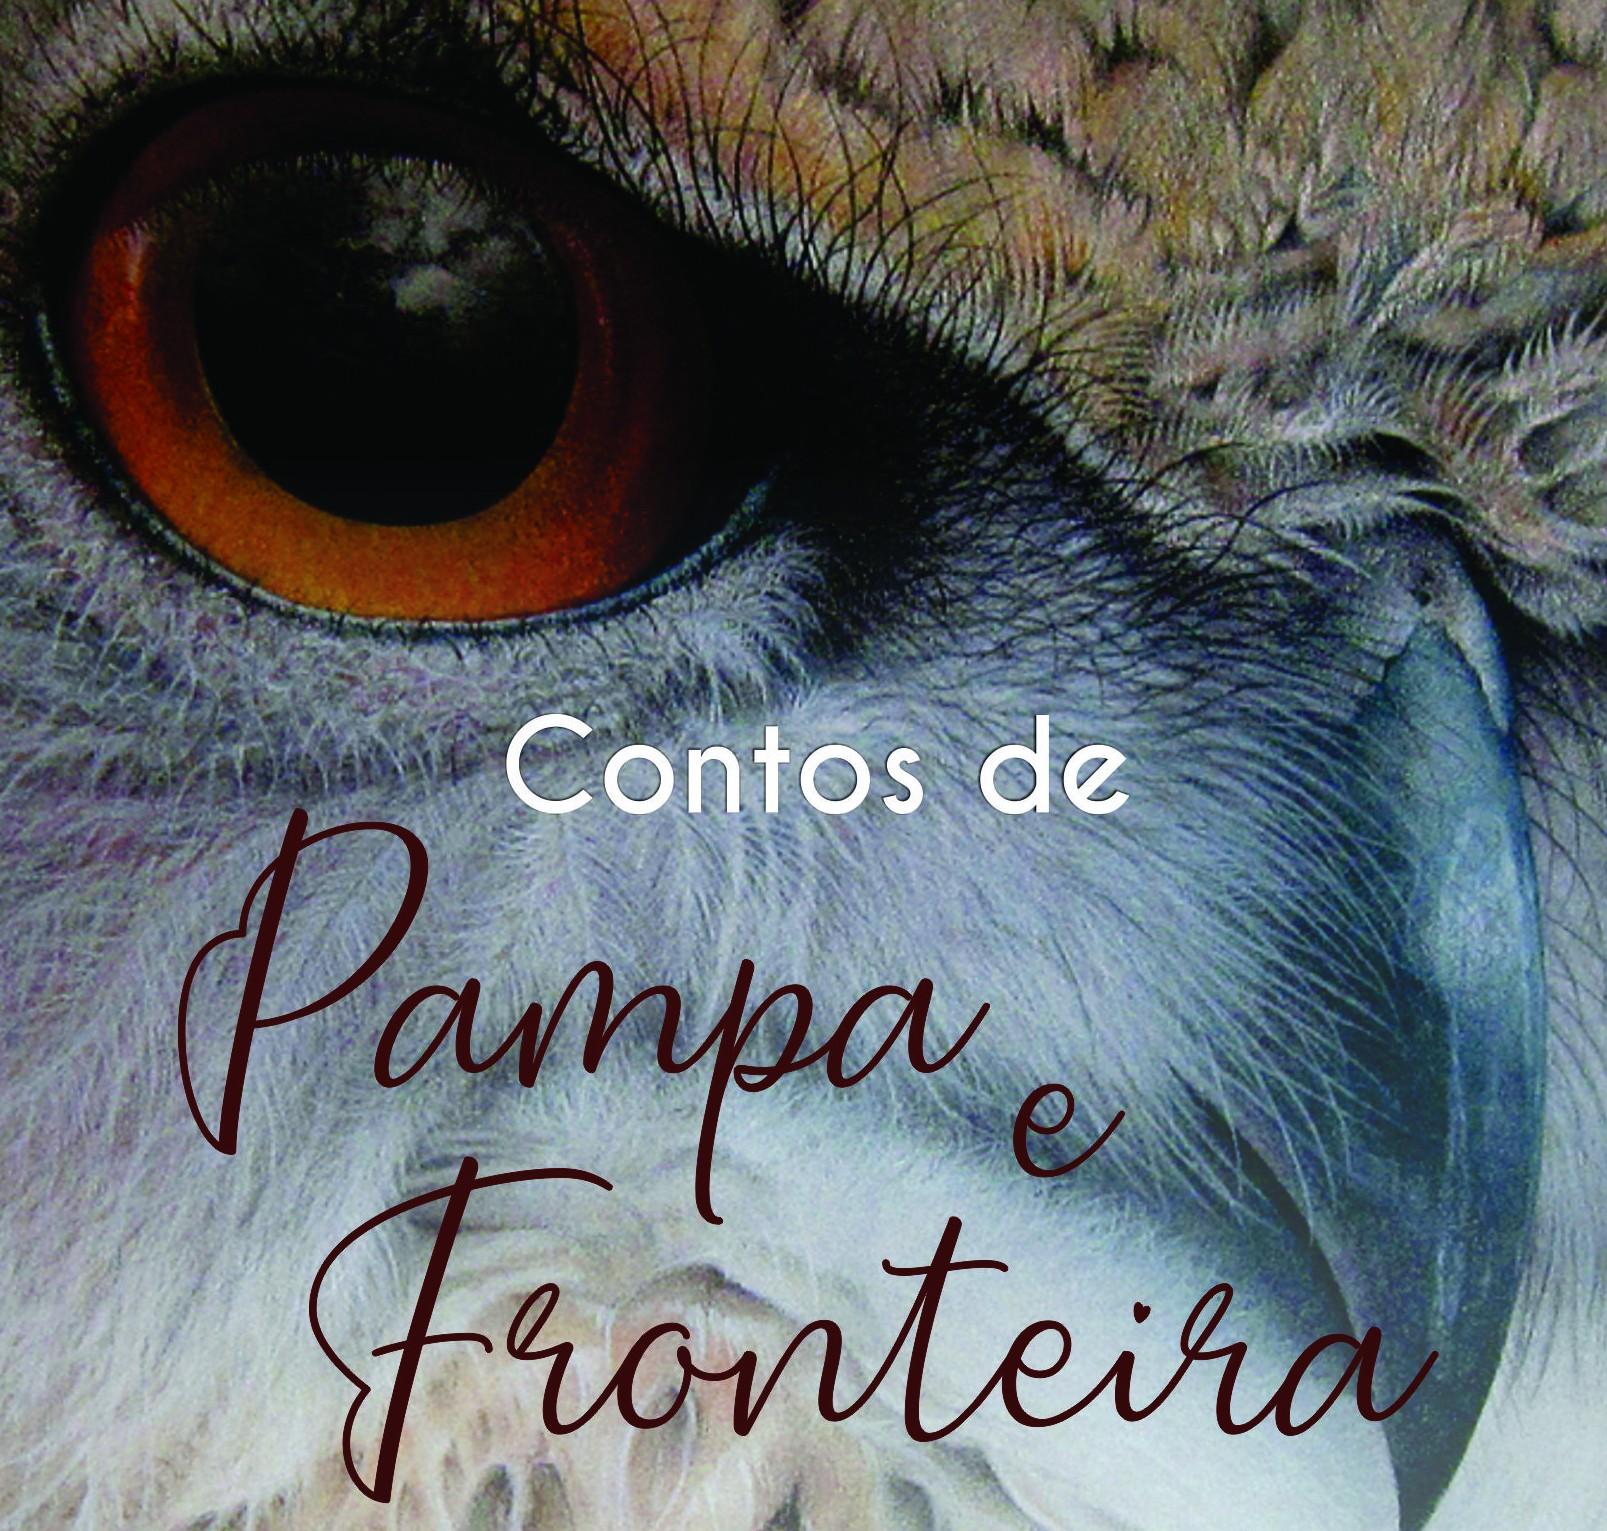 Porto Alegre: Anna Mariano e Débora Mutter apresentam 'Contos de Pampa e Fronteira' no Centro Municipal de Cultura